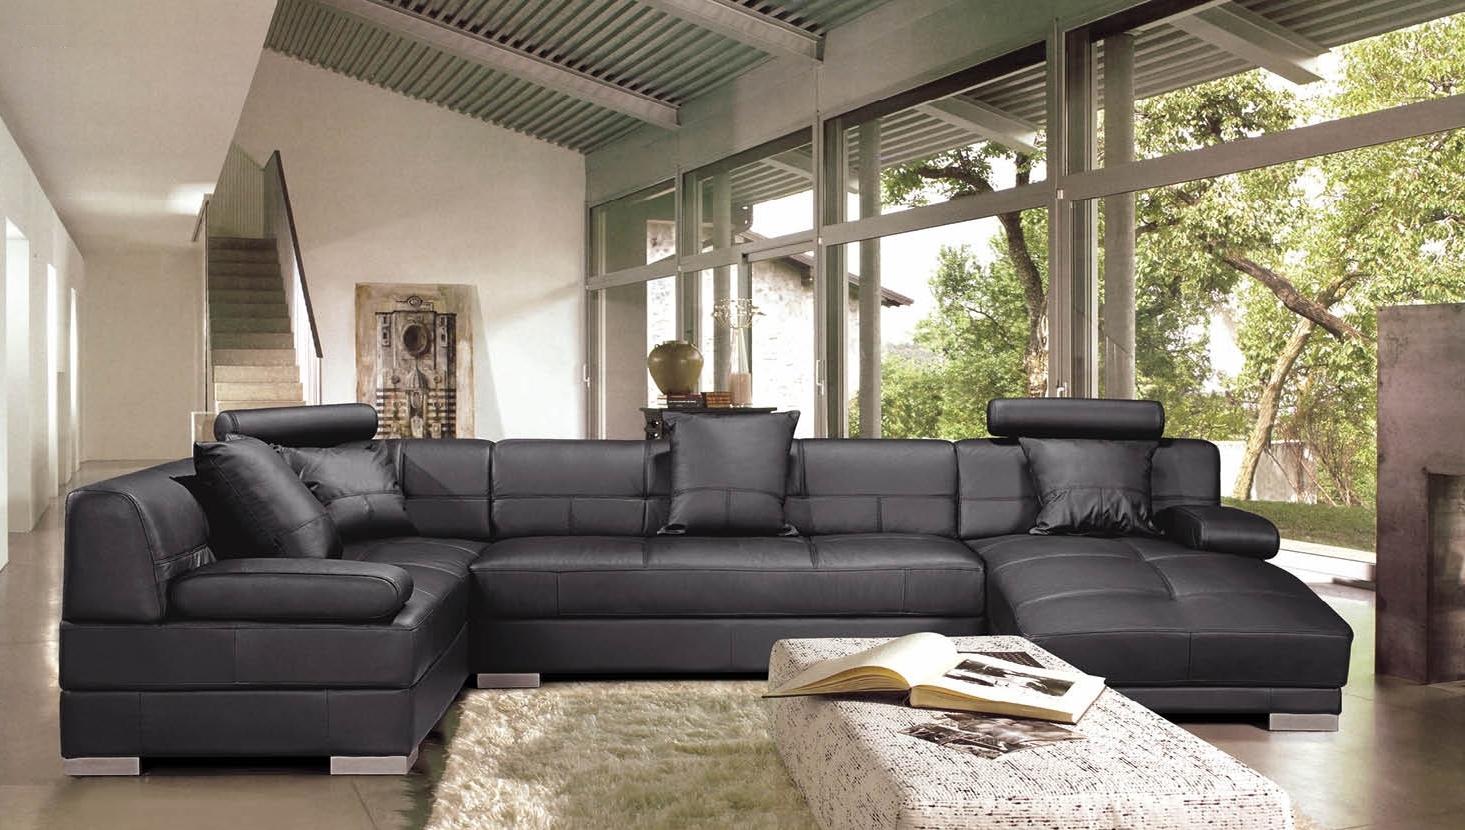 Canapé, Canapé D'angle, Canapés Design, Mobilier Design ... pour Canape Deux Angles